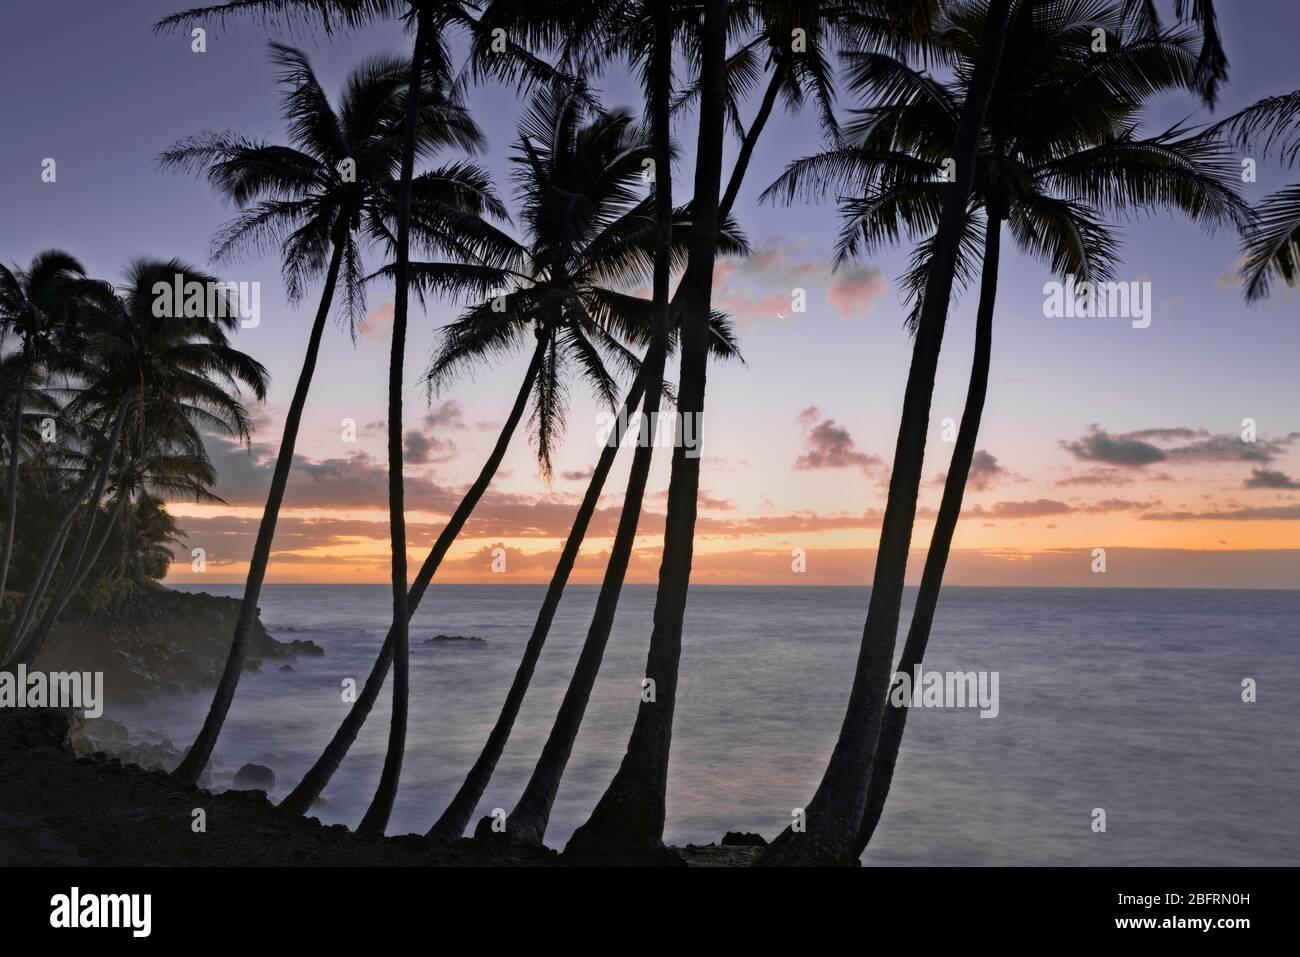 Une lune de croissant se fixe parmi les couleurs du lever du soleil et les palmiers côtiers de Puna silhouettés sur la Grande île d'Hawaï. Banque D'Images